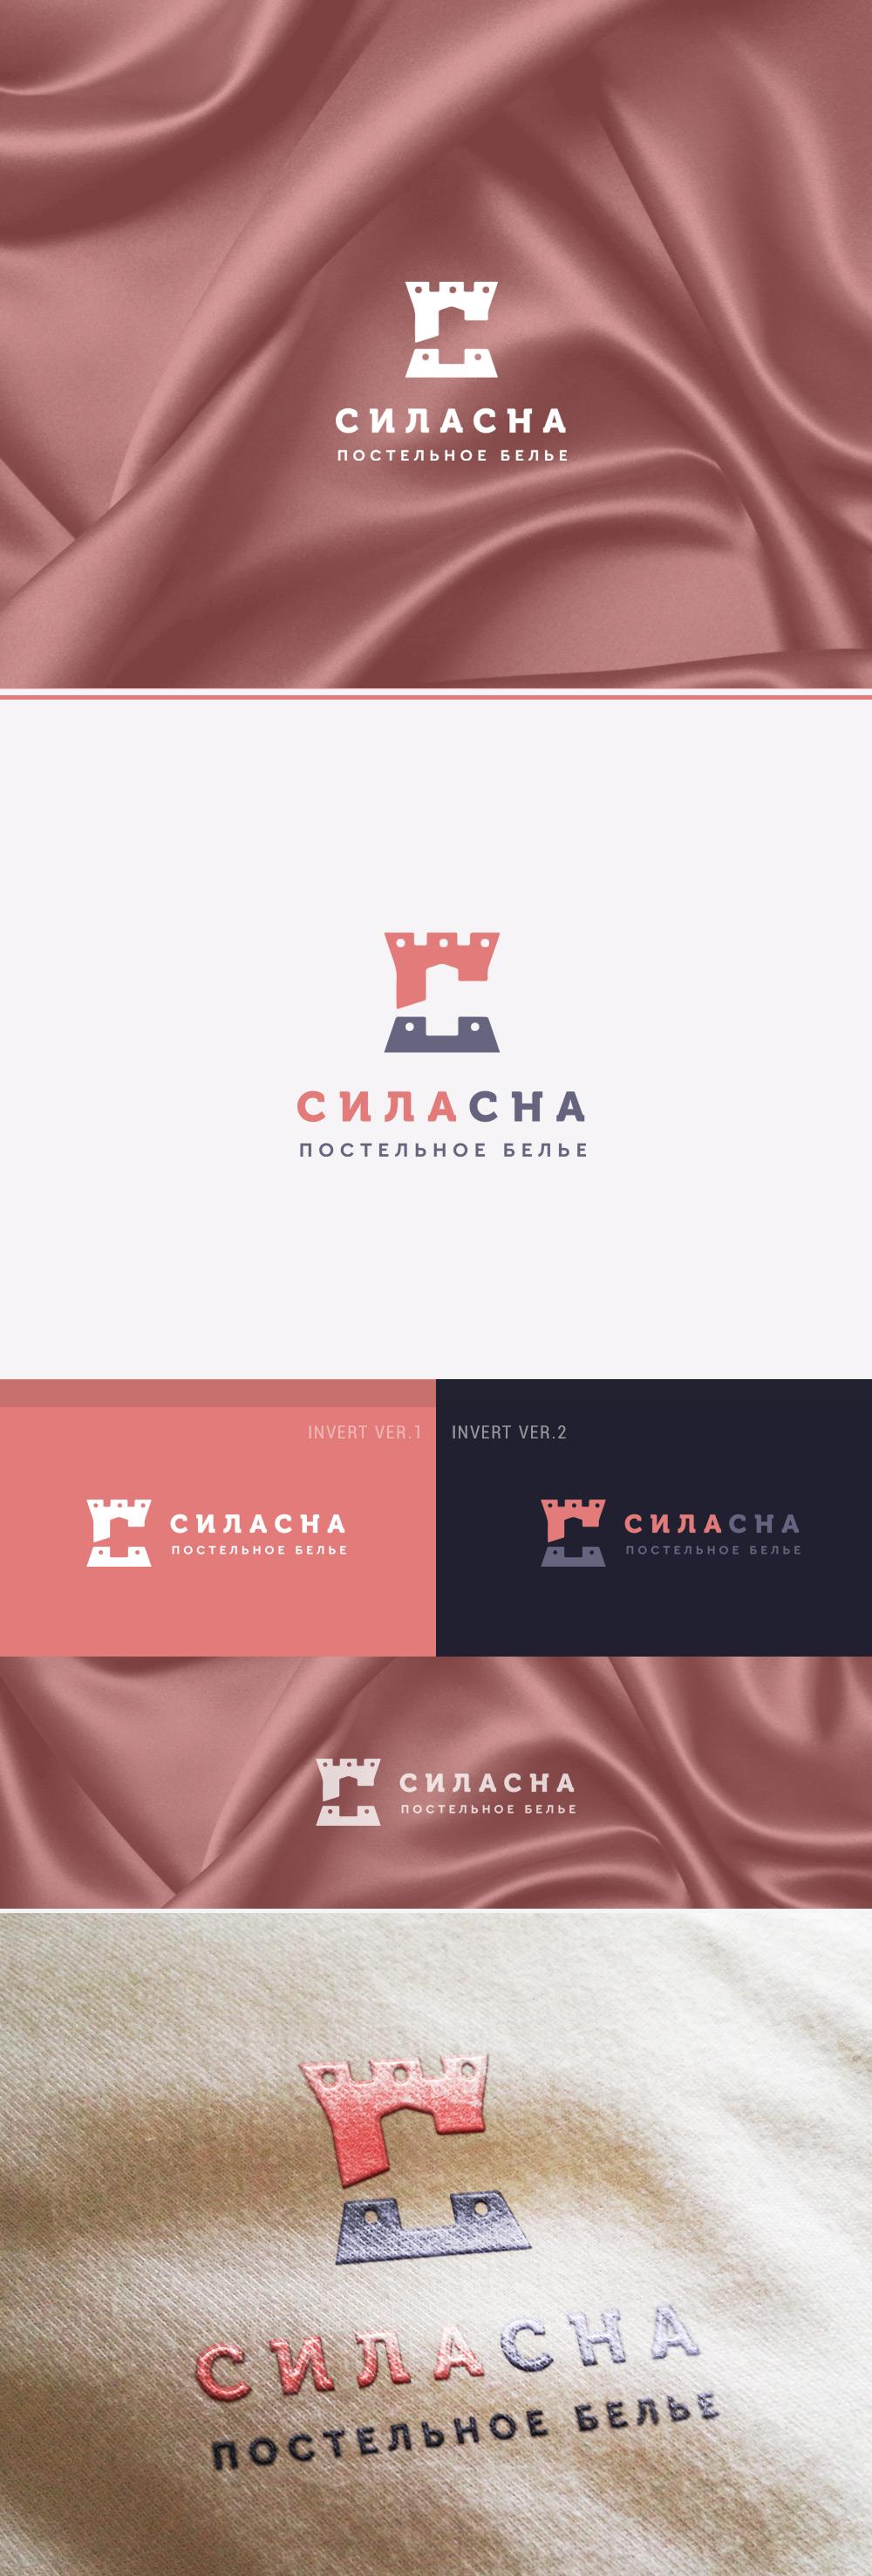 Разработать логотип для нового бренда фото f_93259e47ee6a0230.jpg